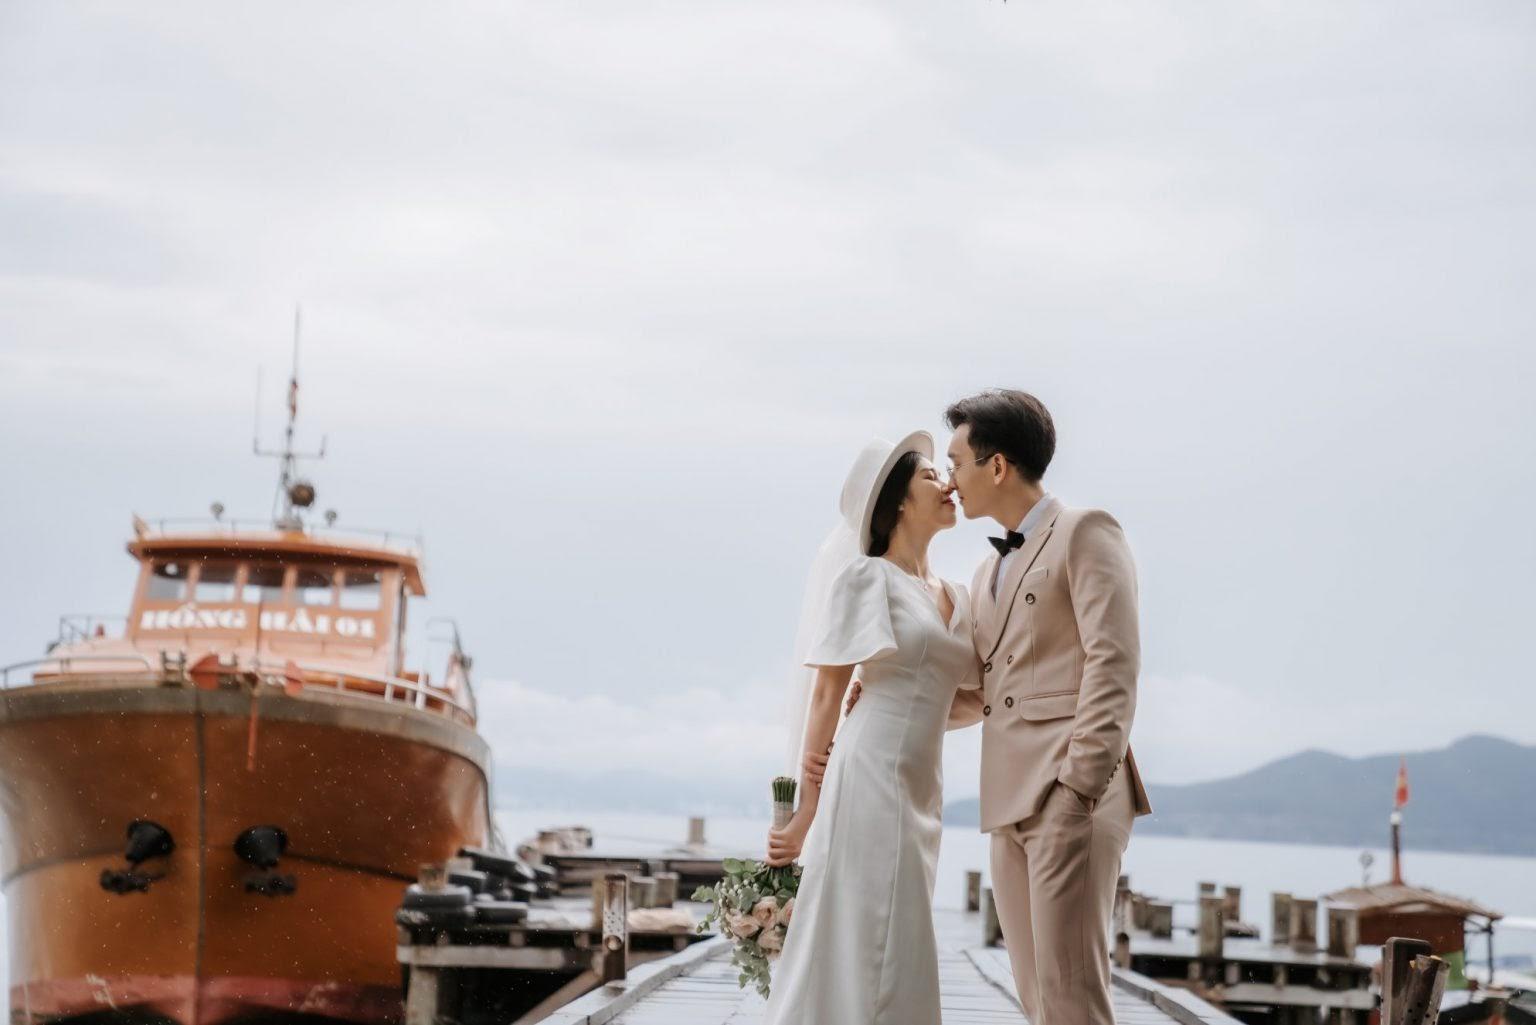 Chụp hình cưới tại Nha Trang là lựa chọn tuyệt vời